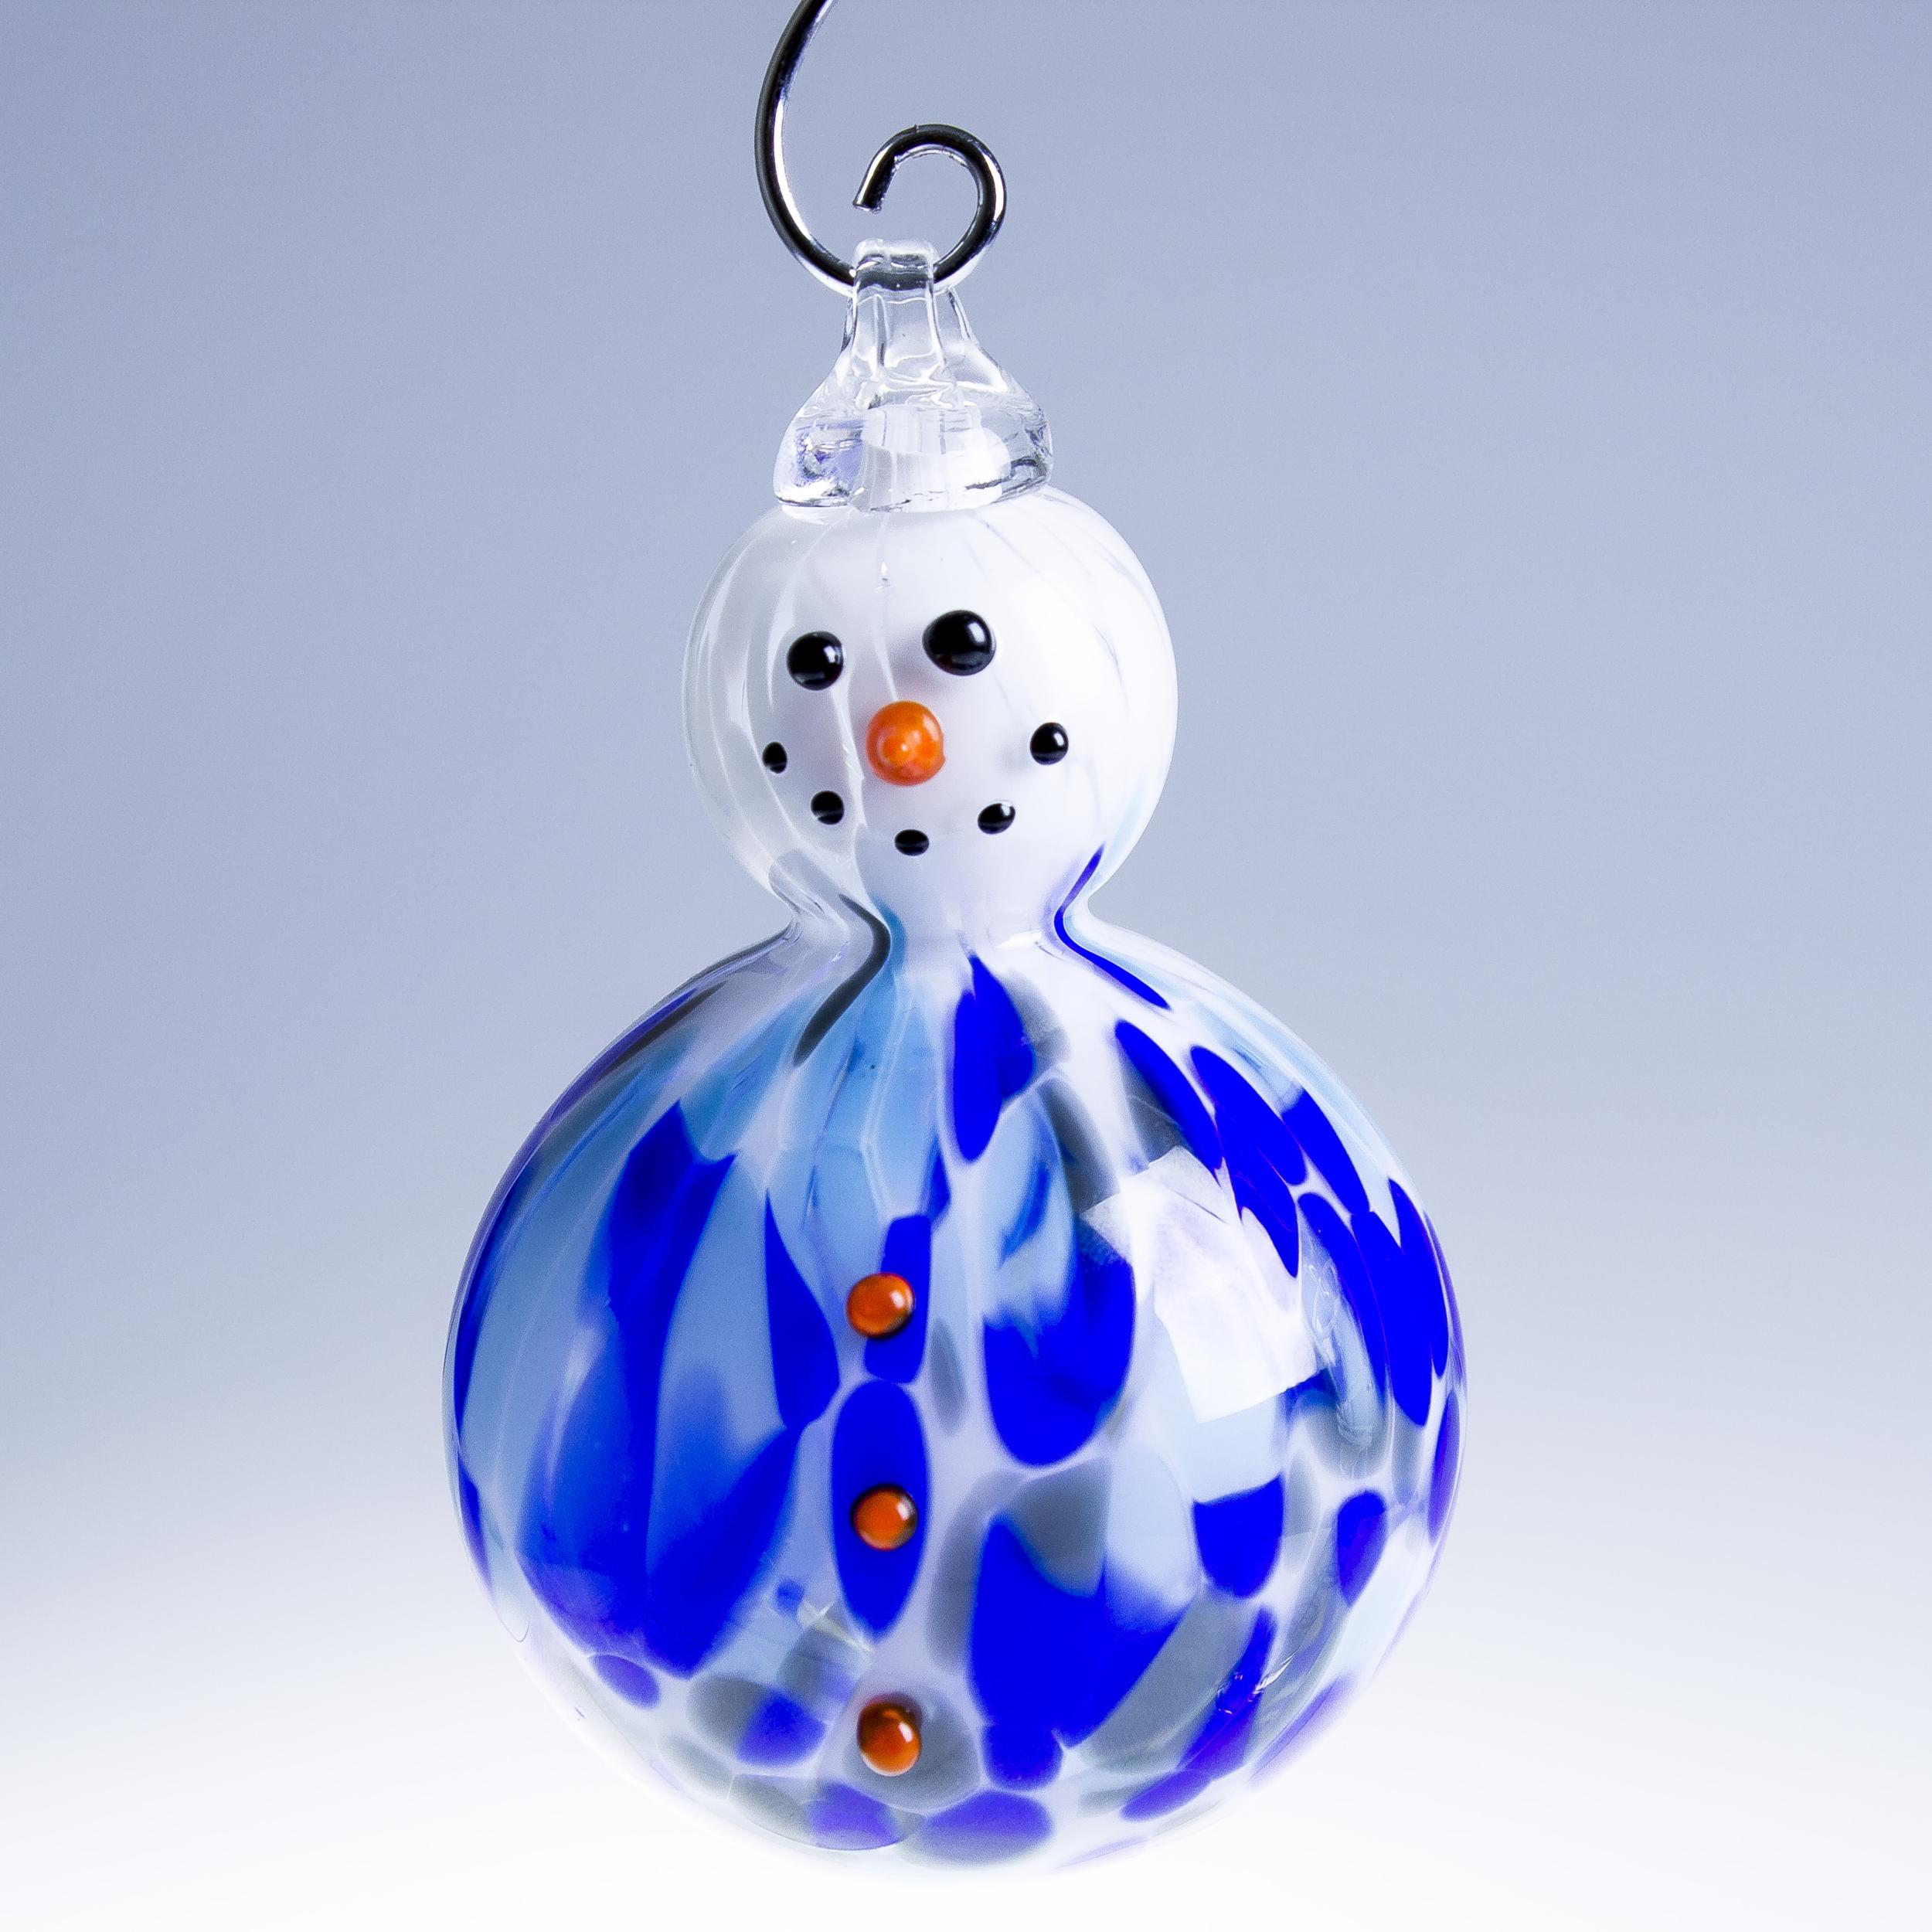 boule de no l bonhomme de neige bleu d corations boules. Black Bedroom Furniture Sets. Home Design Ideas